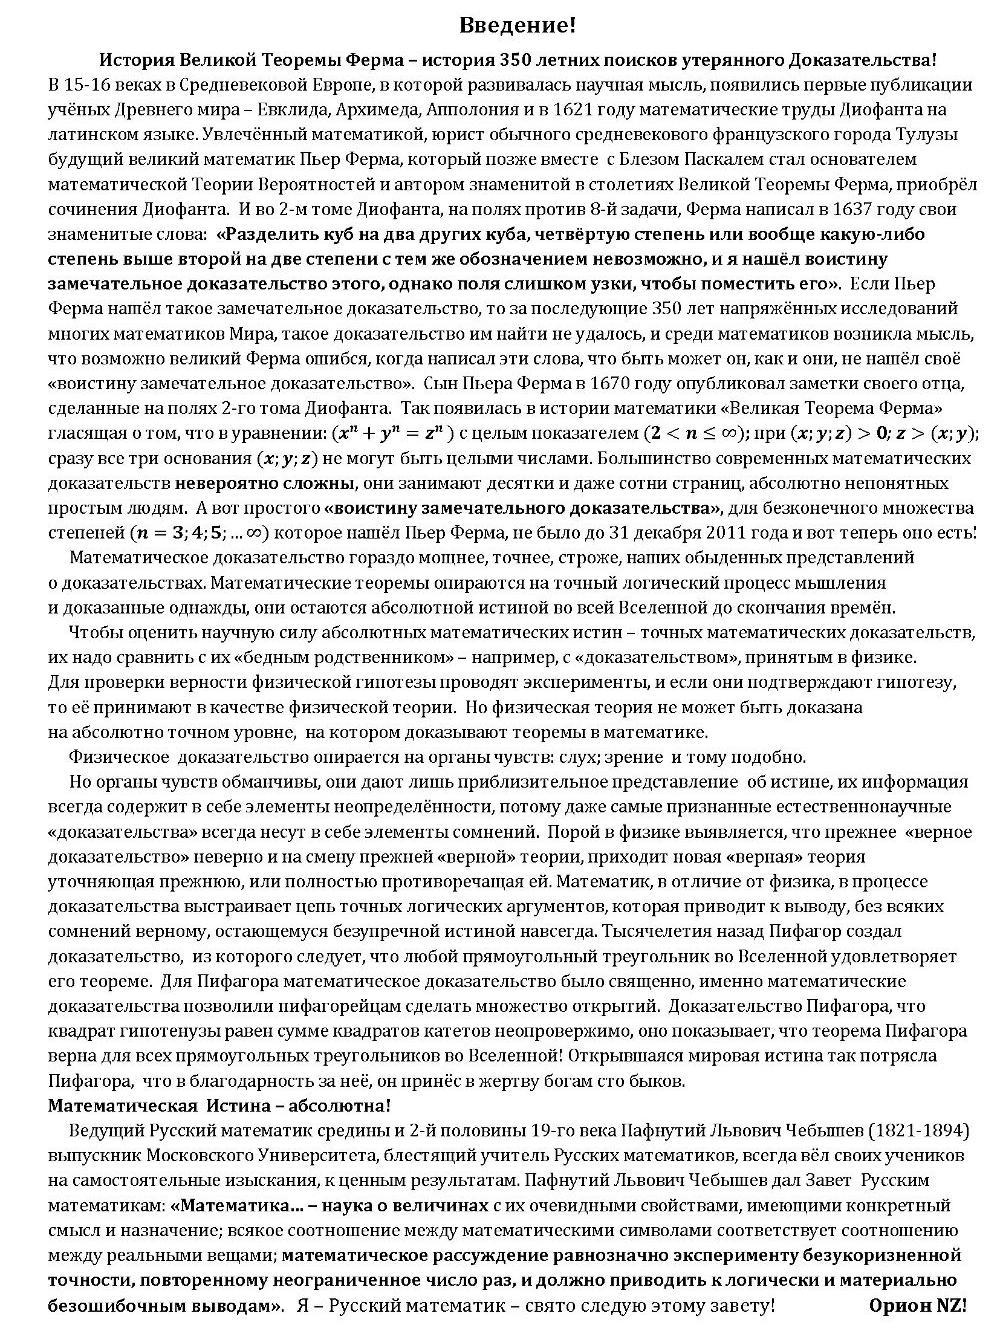 Доказательно Теоремы Ферма от Бориса Пономарева